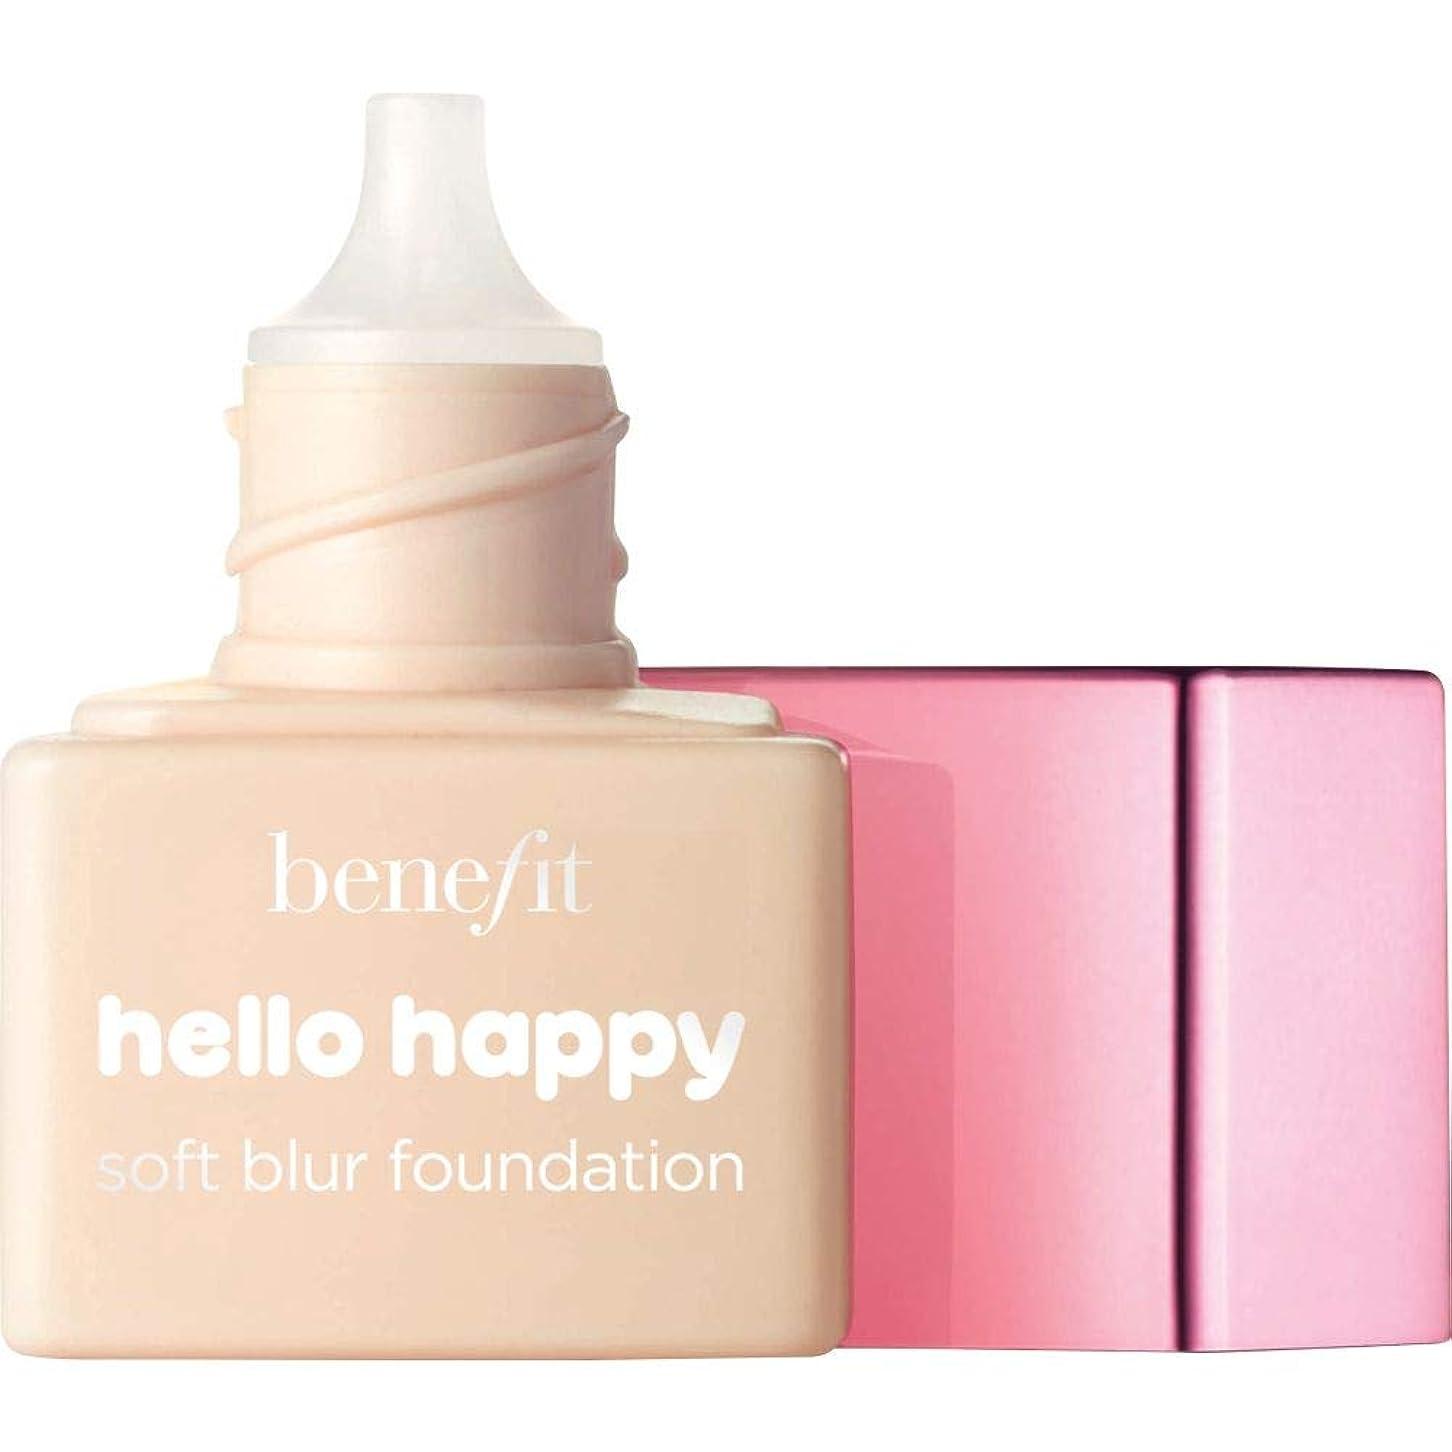 落ち着く拡声器昇る[Benefit ] ミニ2 - - ハロー幸せソフトブラー基礎Spf15の6ミリリットルの利益に暖かい光 - Benefit Hello Happy Soft Blur Foundation SPF15 6ml - Mini 2 - Light Warm [並行輸入品]